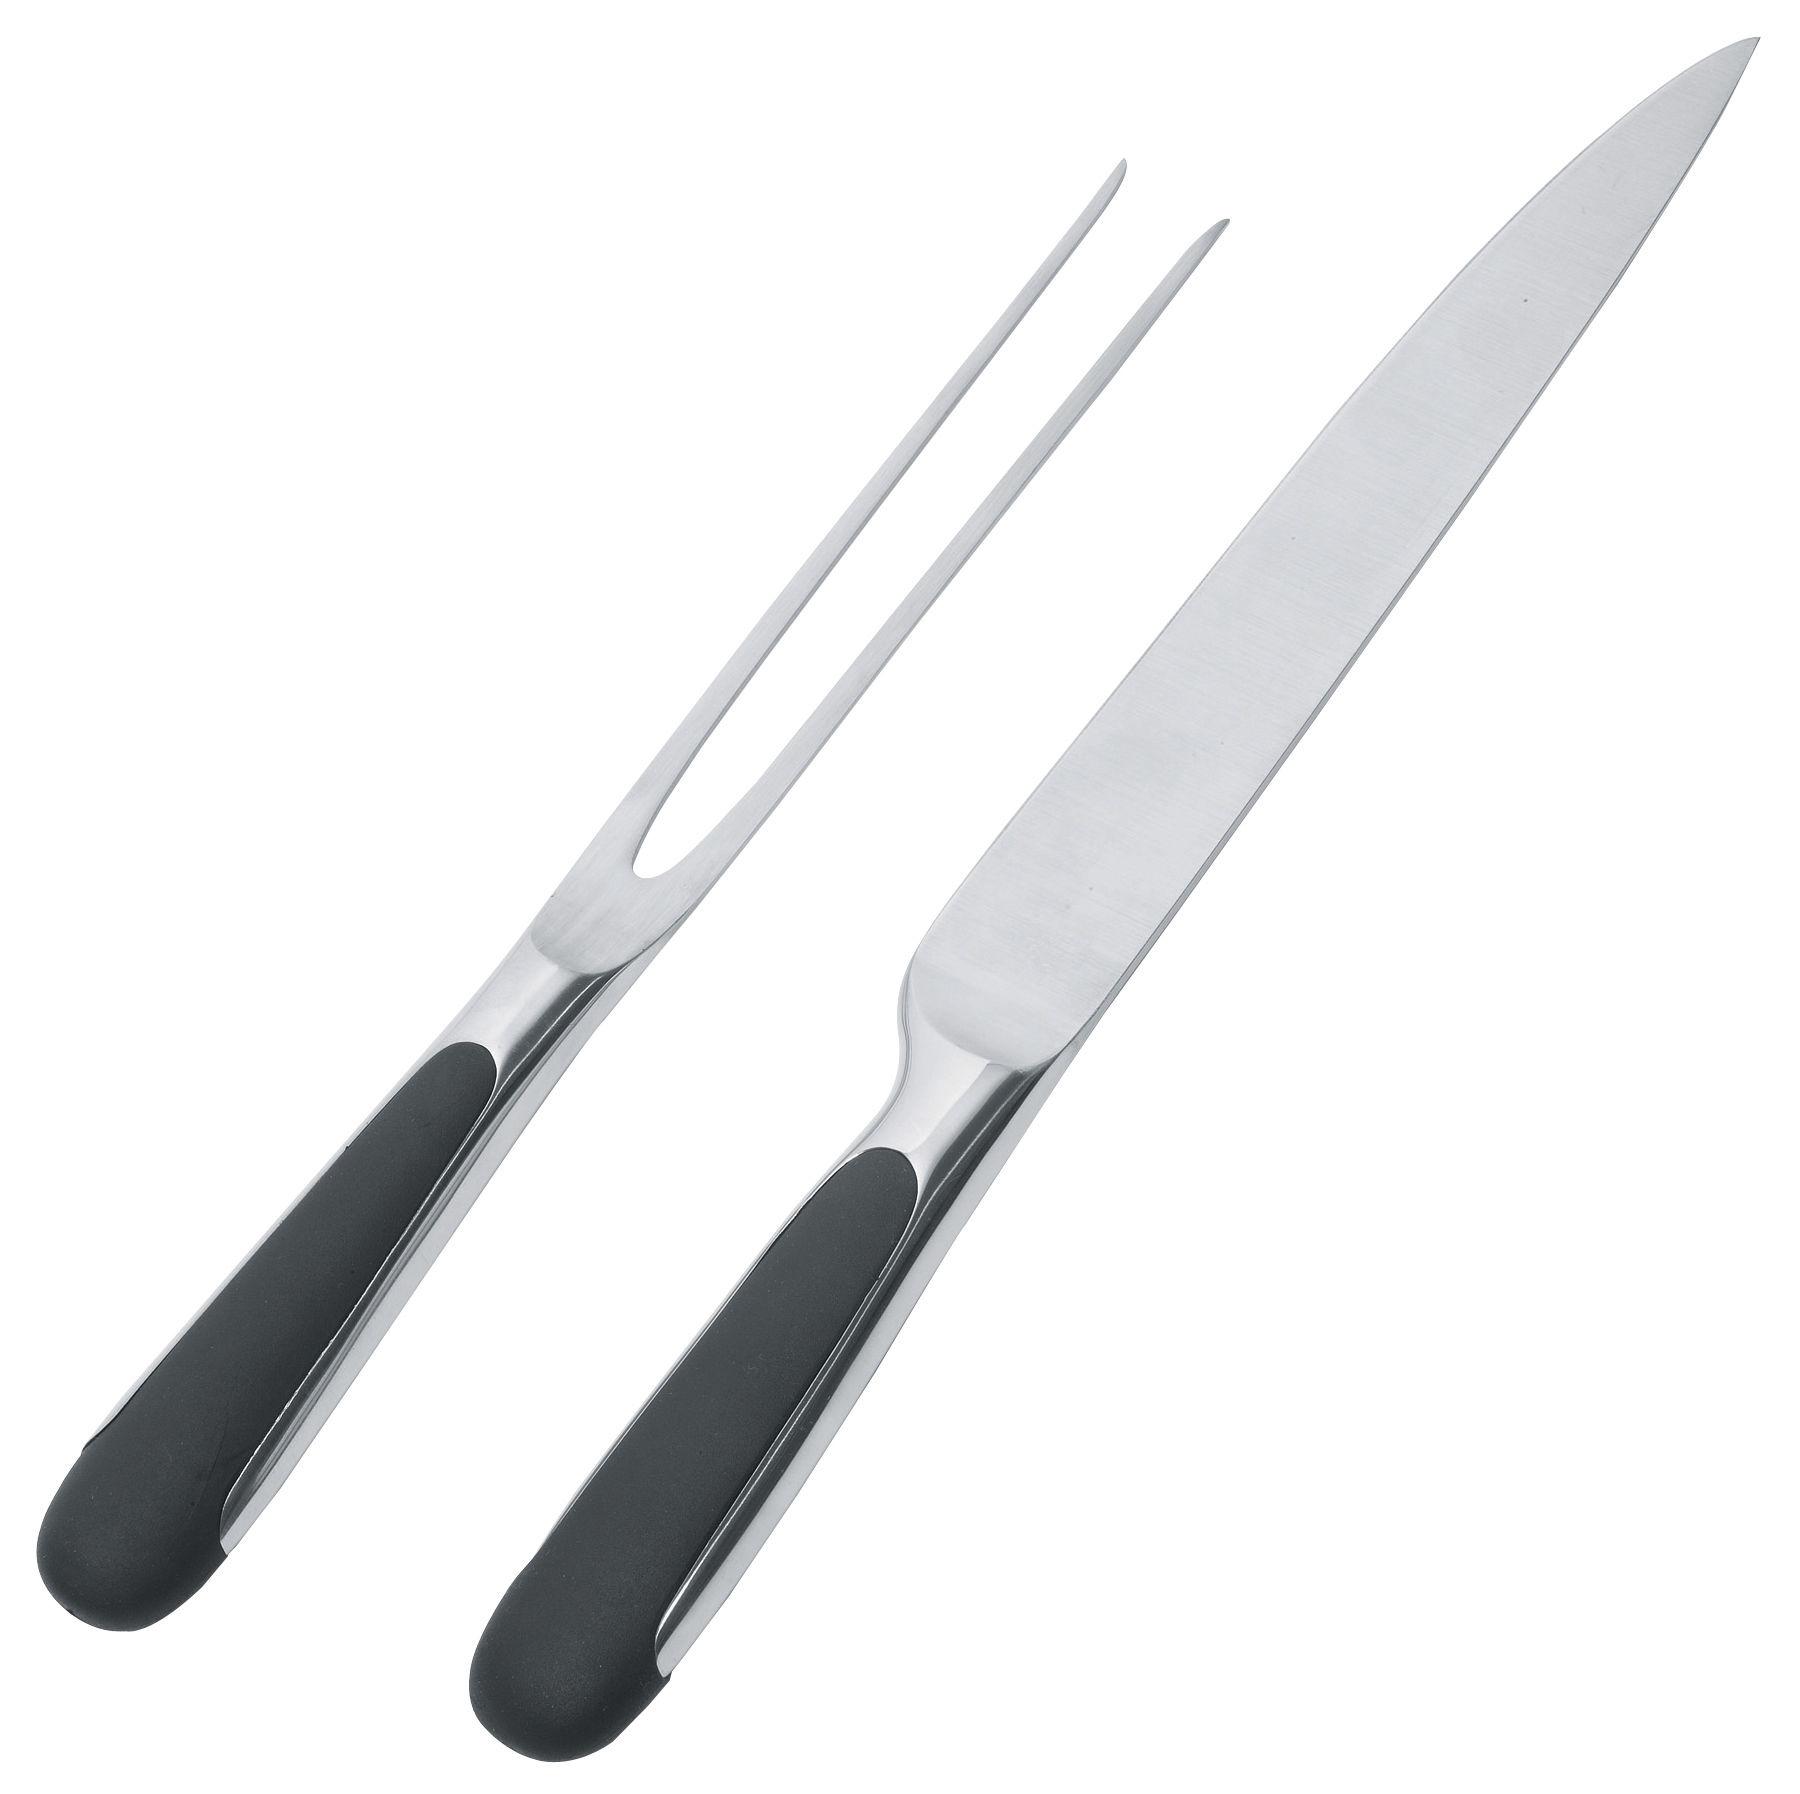 Küche - Küchenmesser - Mami Schneide-Set Set Gabel und Messer - Alessi - Stahl - schwarz - geschmiedeter Stahl, TPE